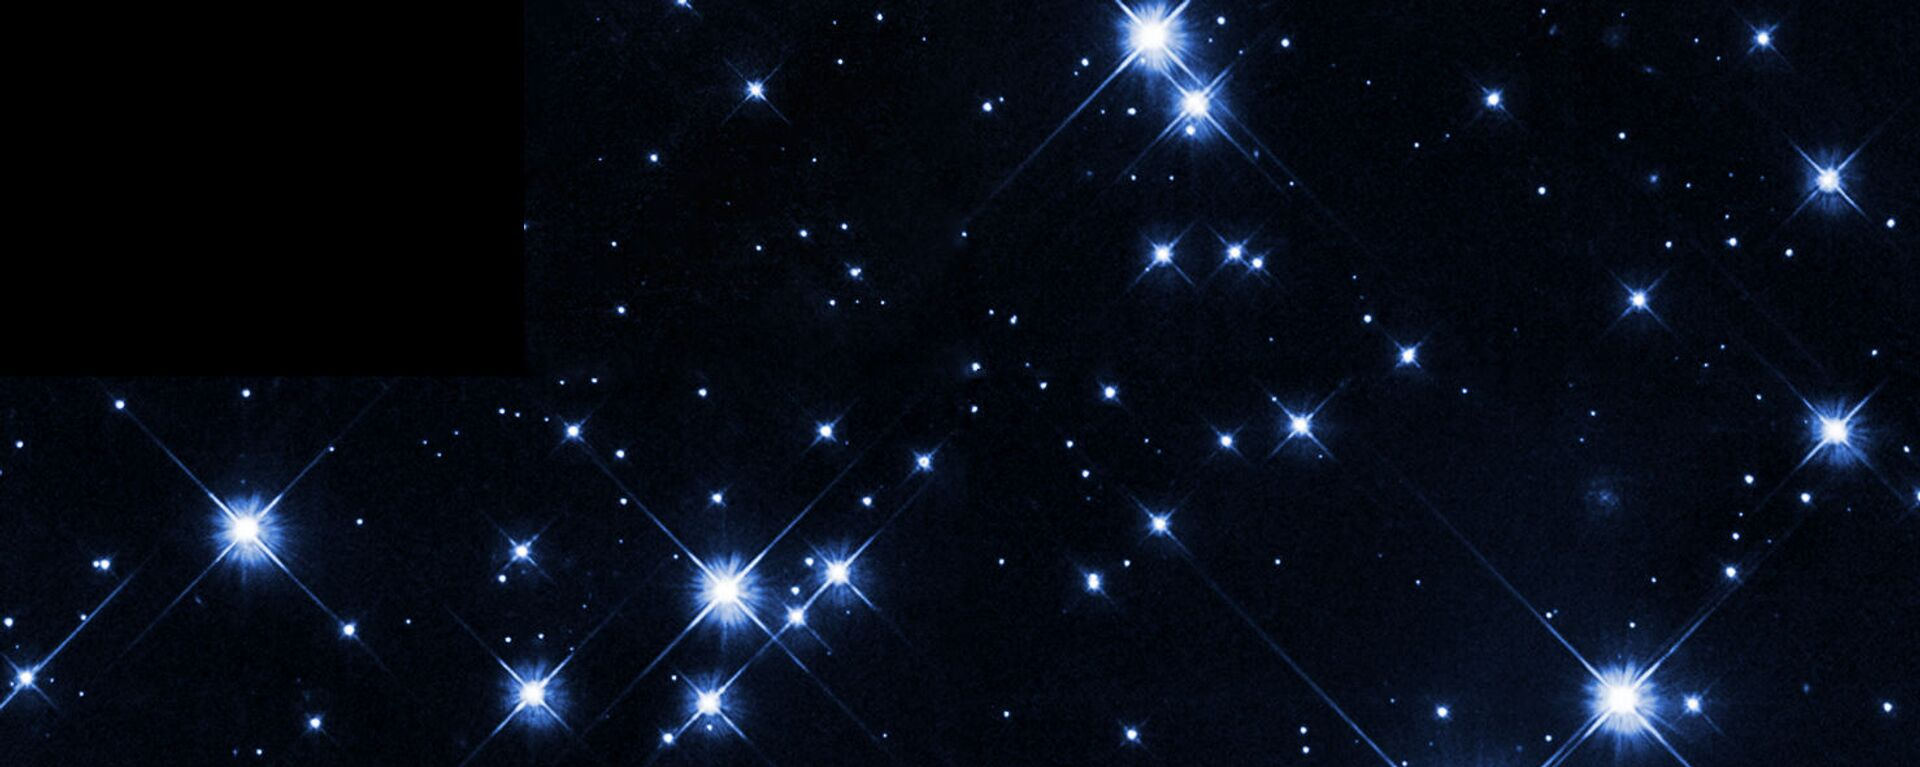 Hvězdokupa Caldwell 14 - Sputnik Česká republika, 1920, 04.05.2021